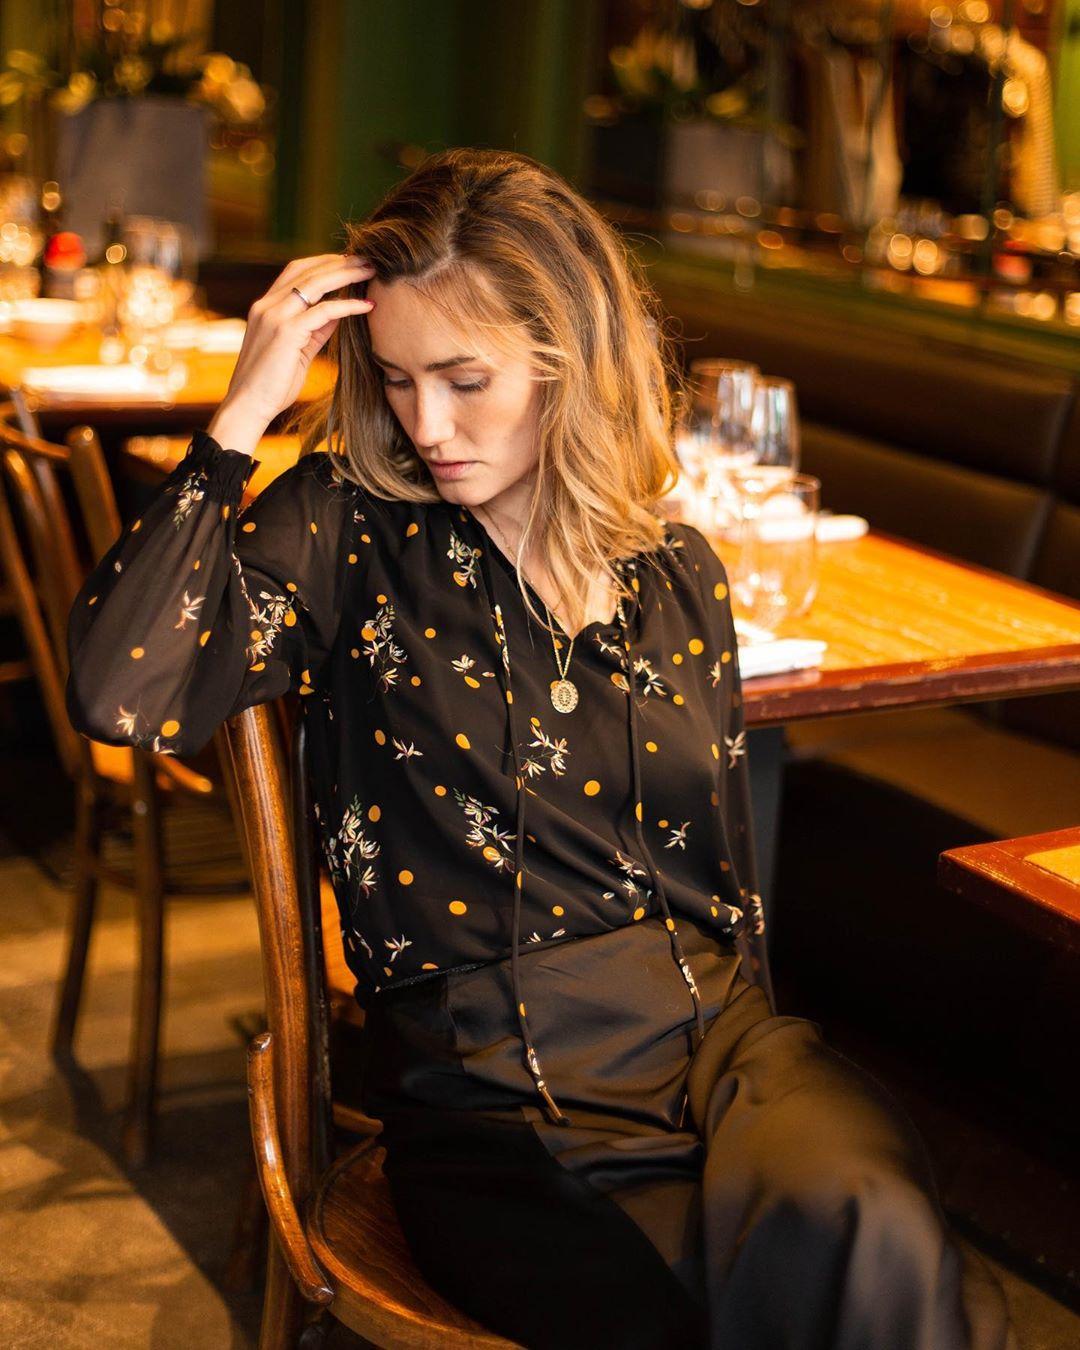 blouse noire/orange de Les Bourgeoises sur lesbourgeoisesofficiel